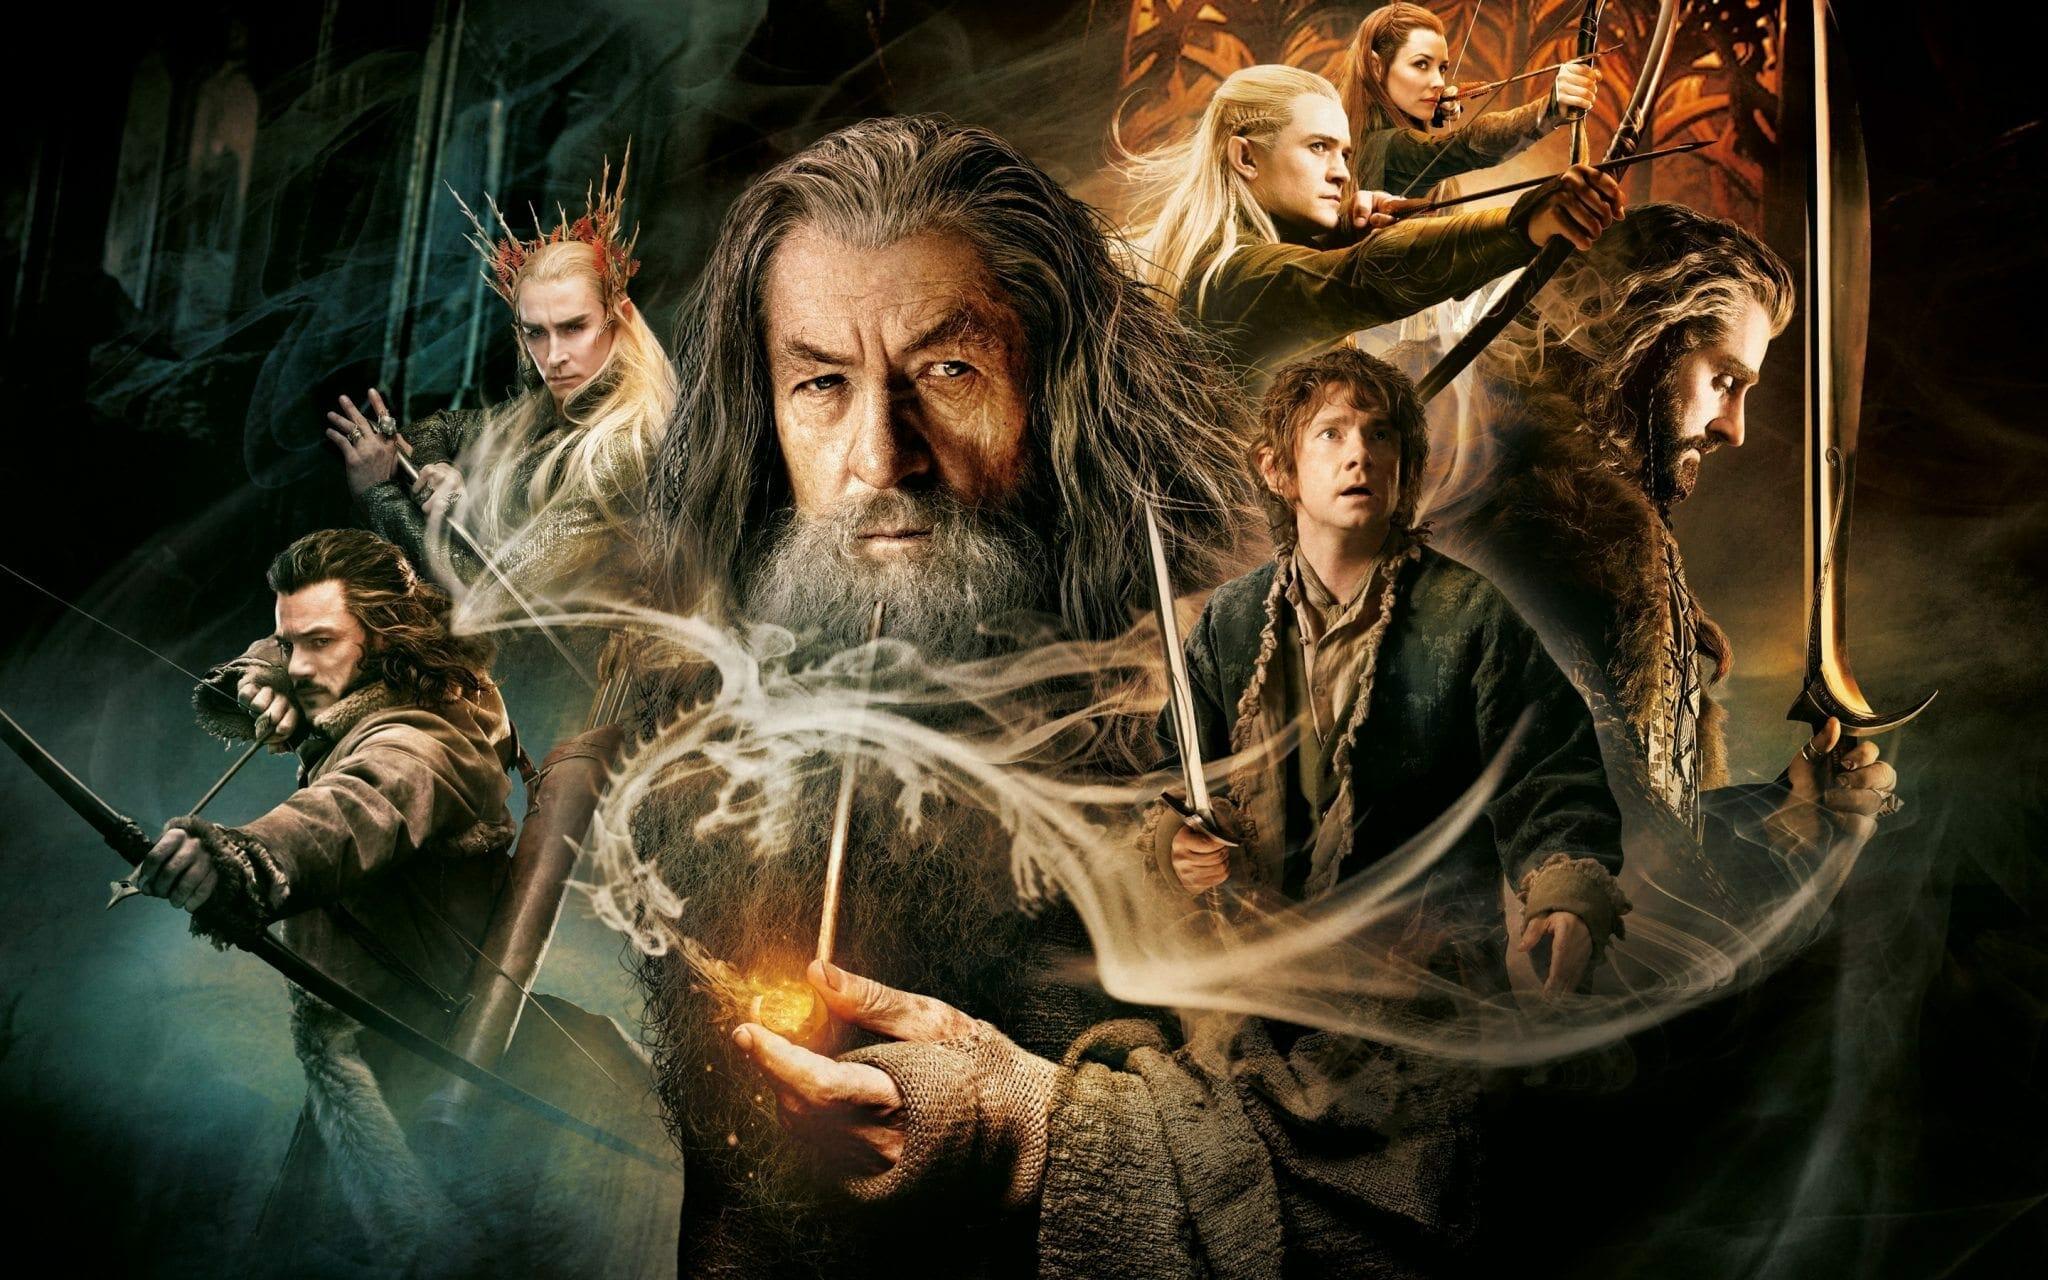 The Hobbit - 3